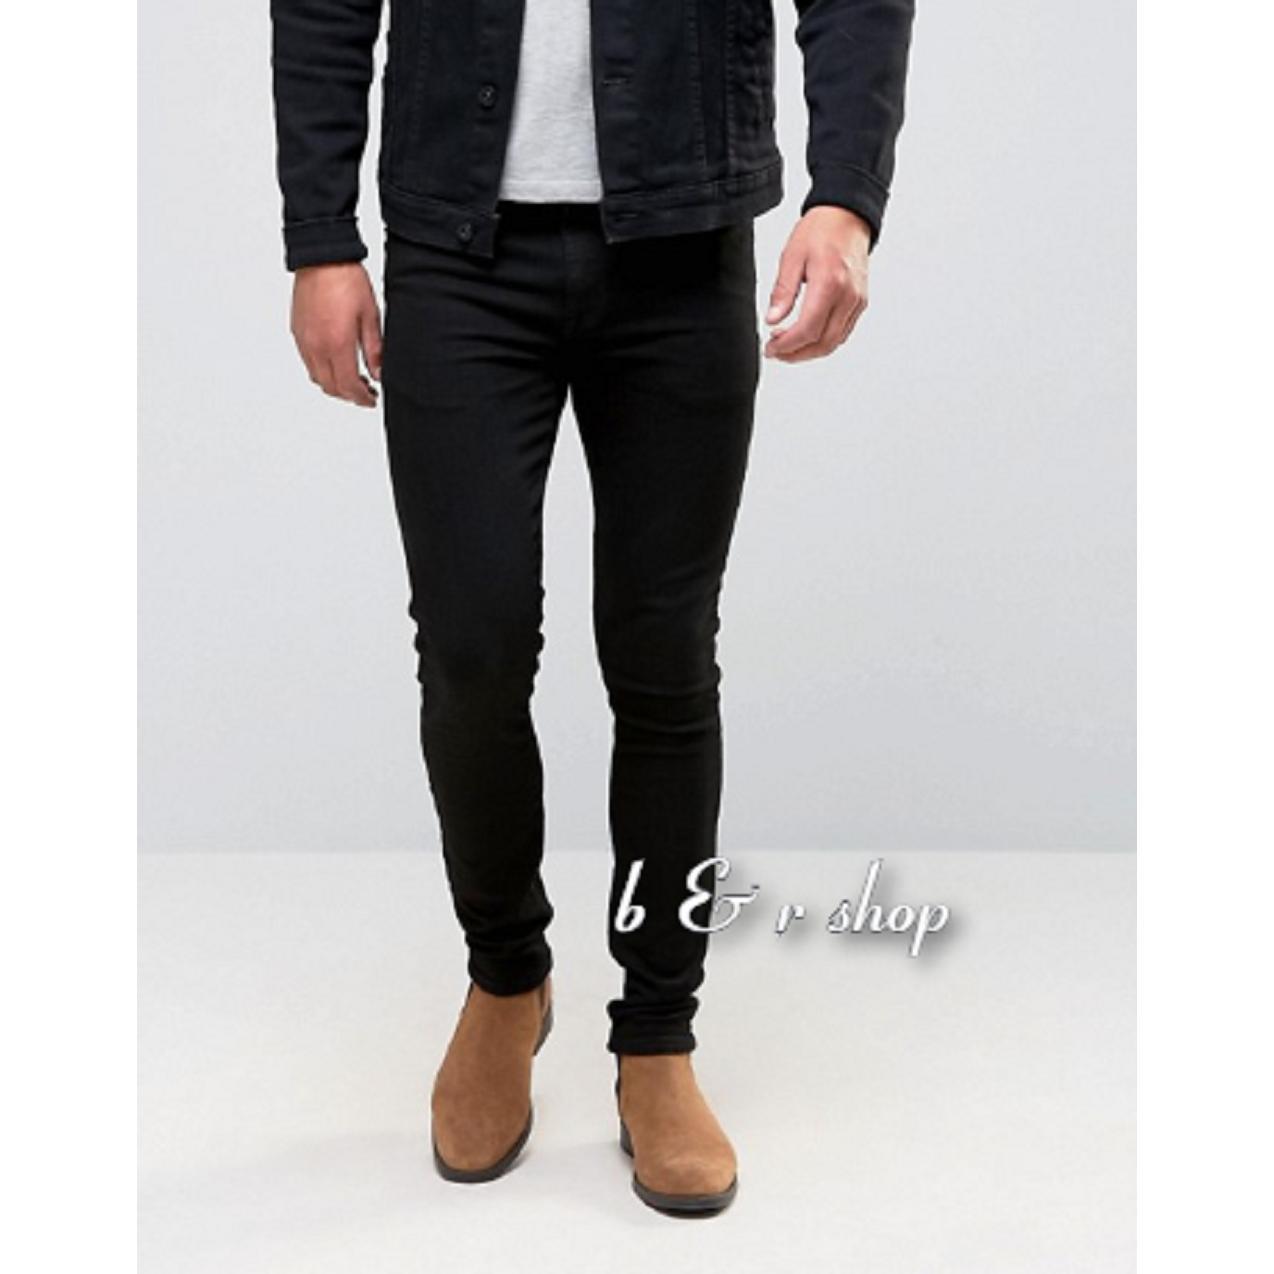 B & R SHOP - Celana jeans Lois skinny / slimfit / pensil pria / Jacket Denim Pria / Celana Kerja Pria / Chino Pria / Size 27 - 32